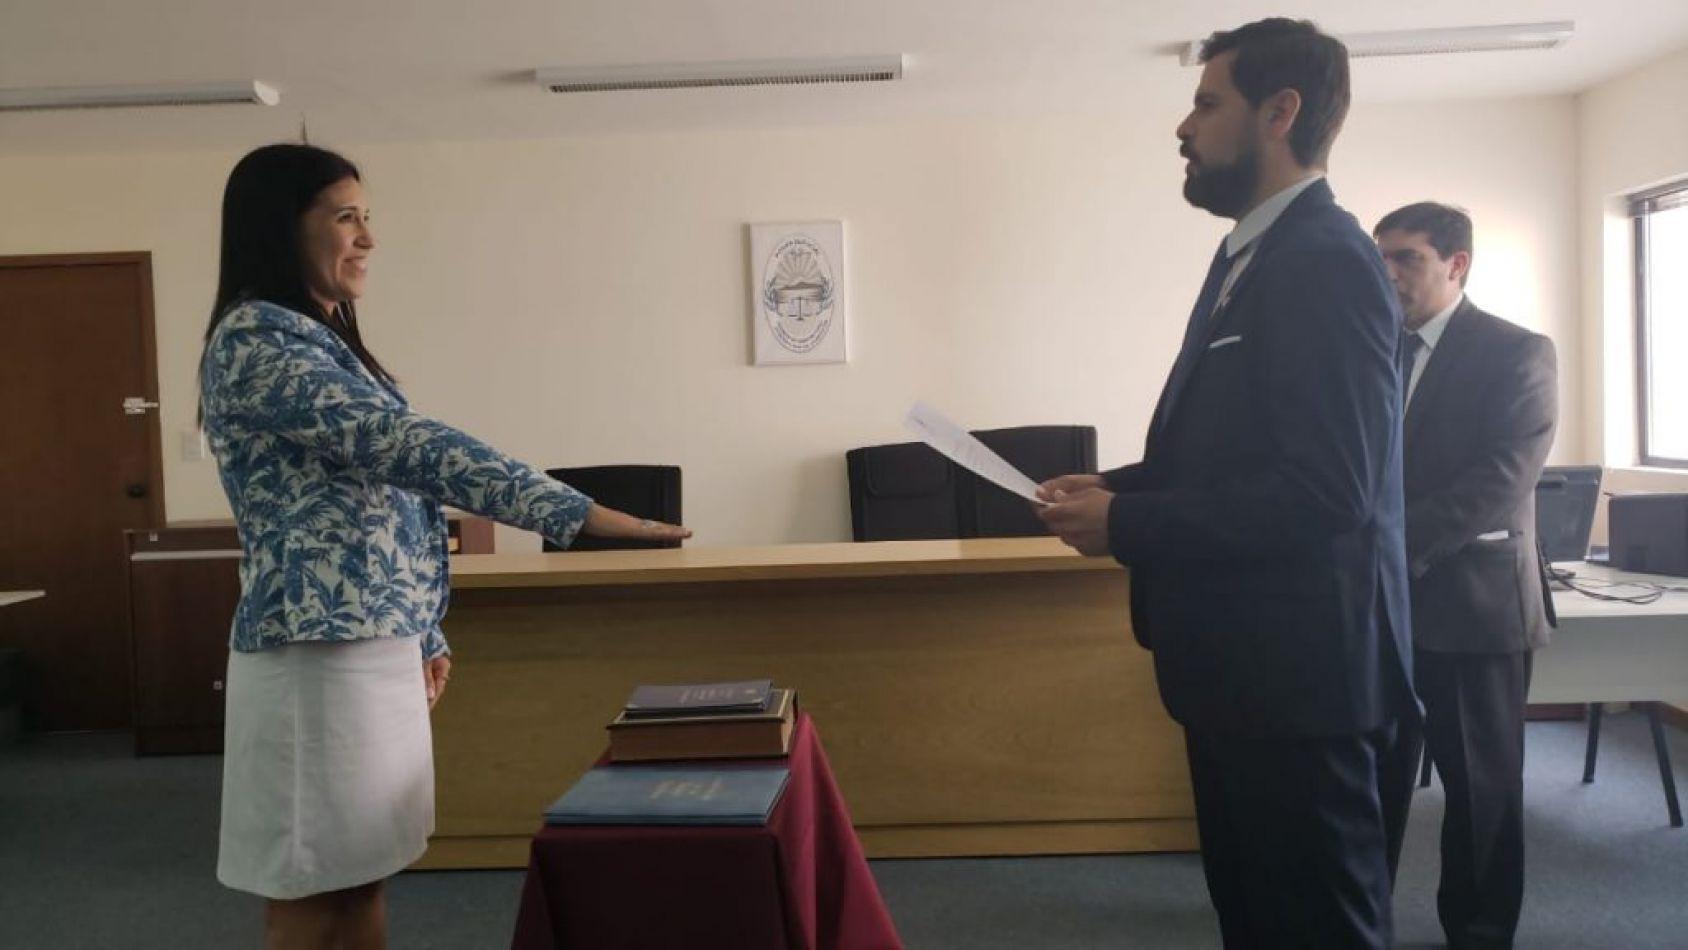 Juez de Primera Instancia del Trabajo Nº 2 del Distrito Judicial Norte, Doctor Hugo Fernando Cayzac, tomó juramento,a la Doctora Evelyn Andrea Sotelo